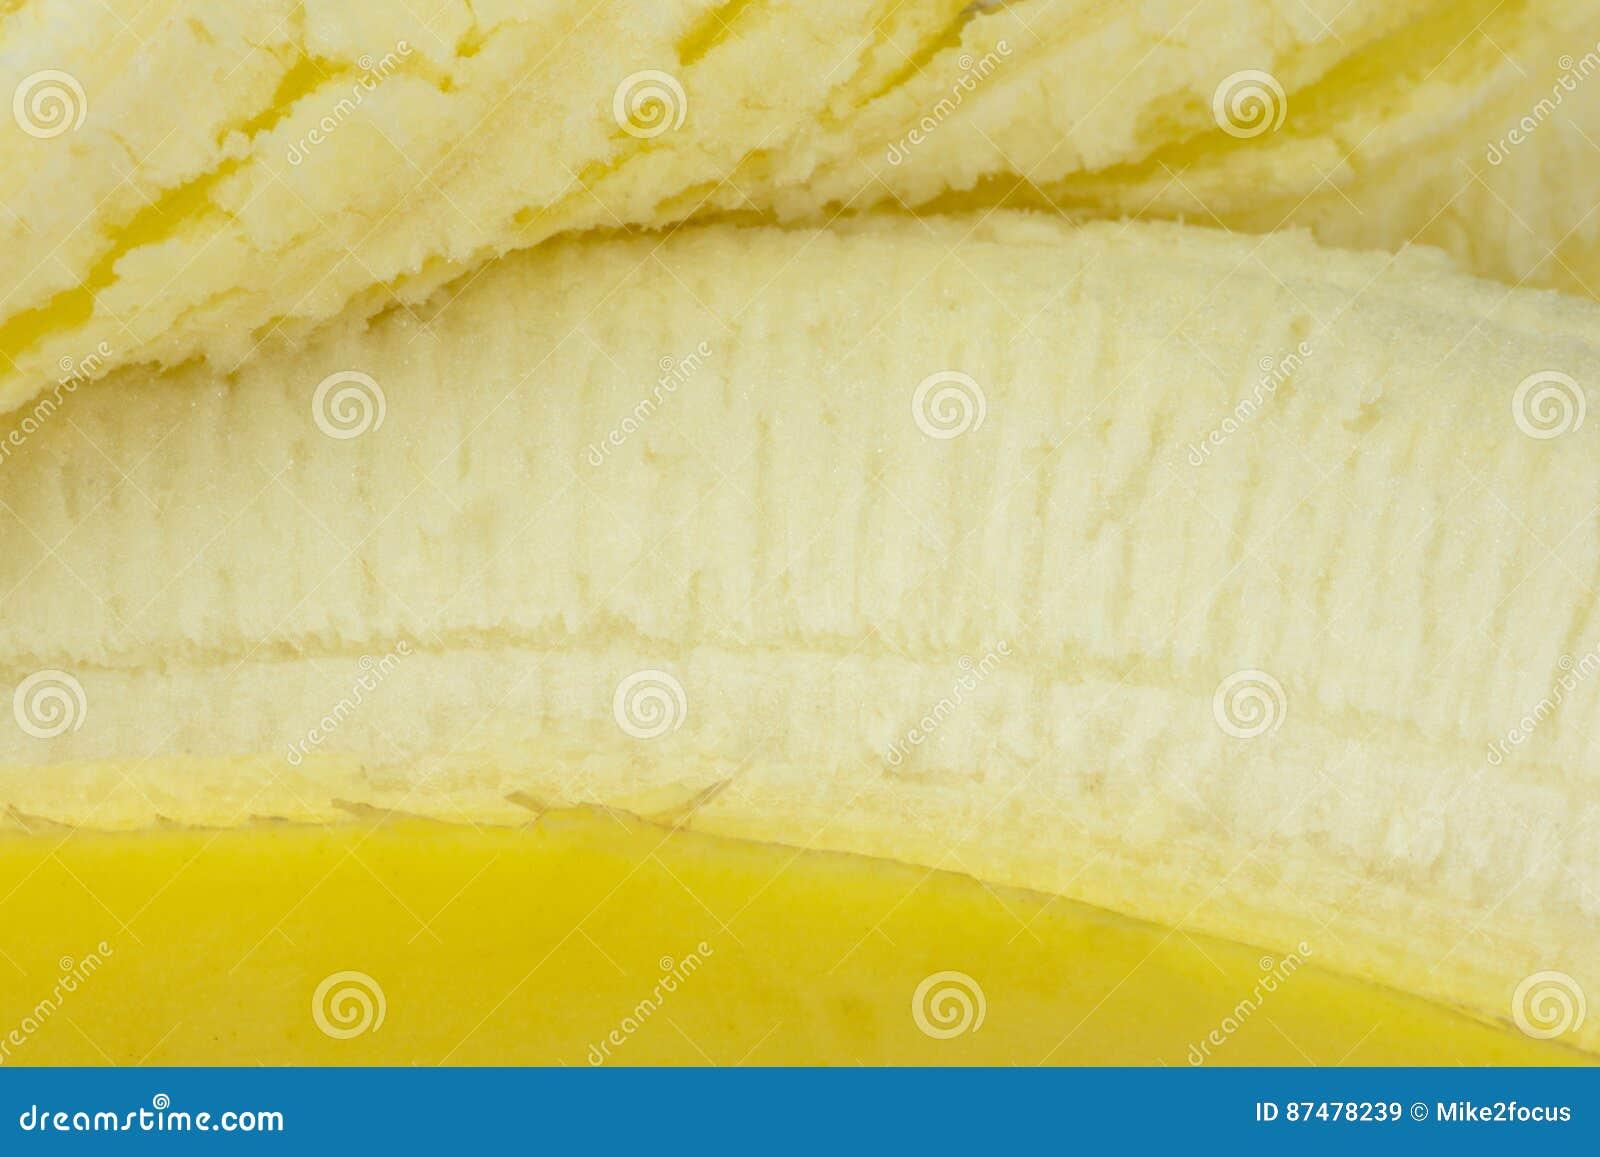 Крупный план банана показывая endocarp съестную часть и, который слези назад снимает кожу с